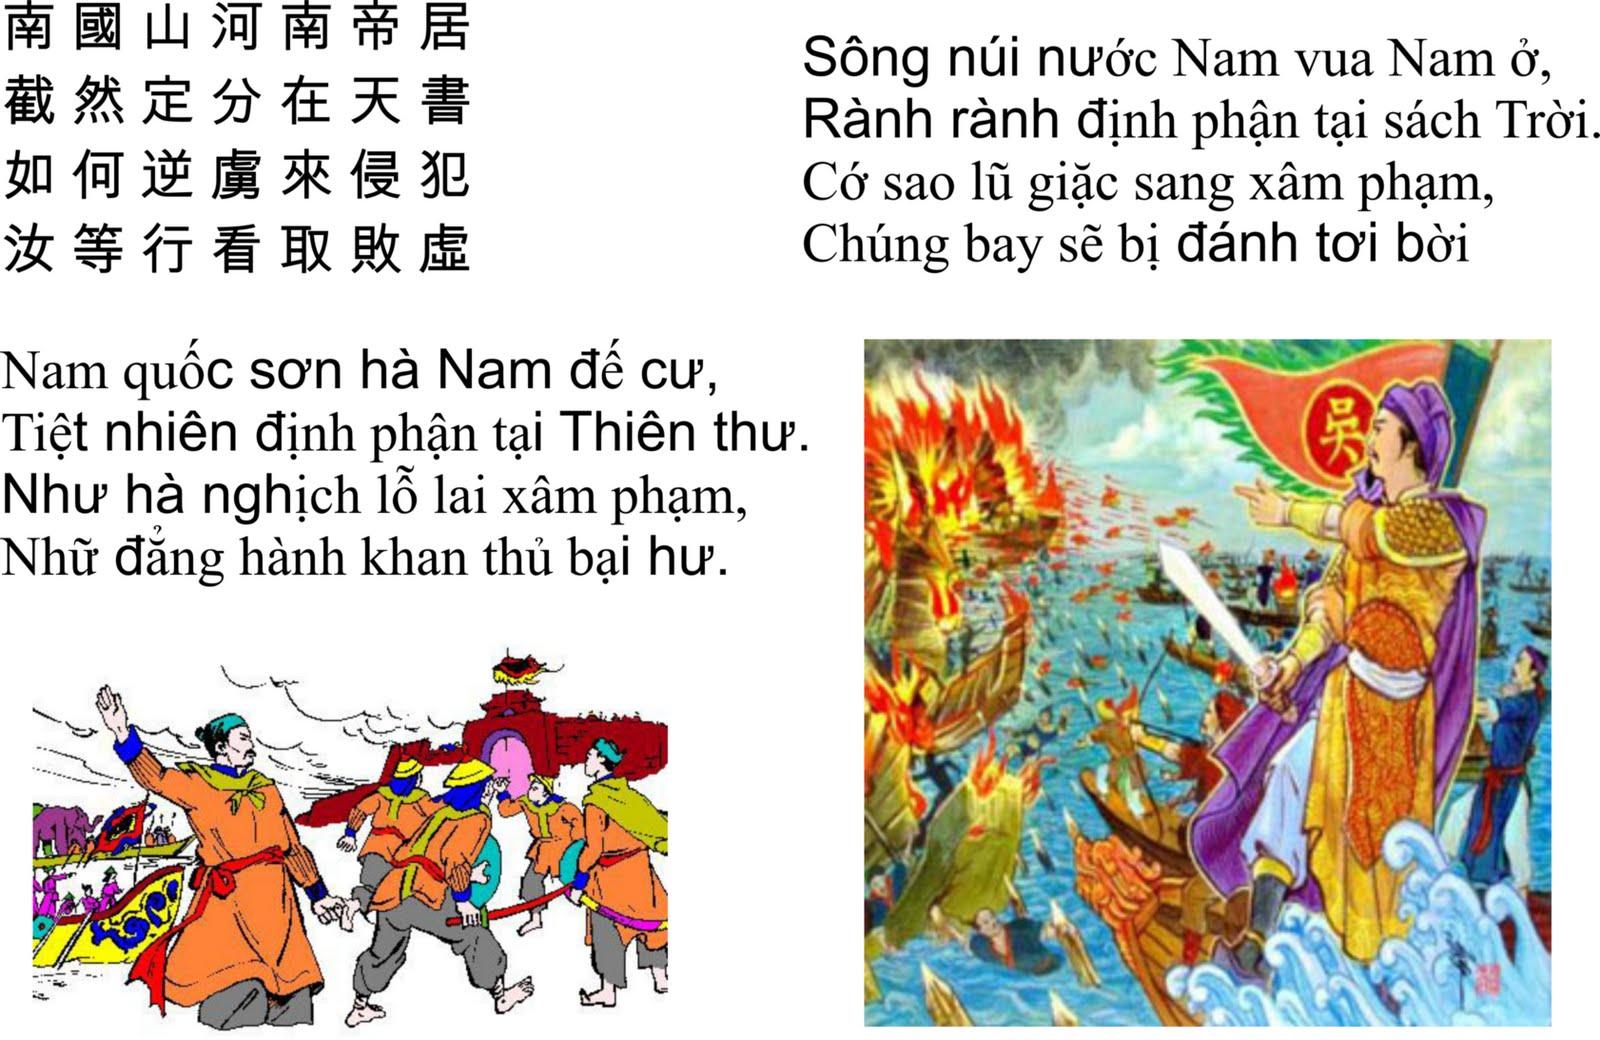 Dịch hán nôm sang phiên âm quốc ngữ